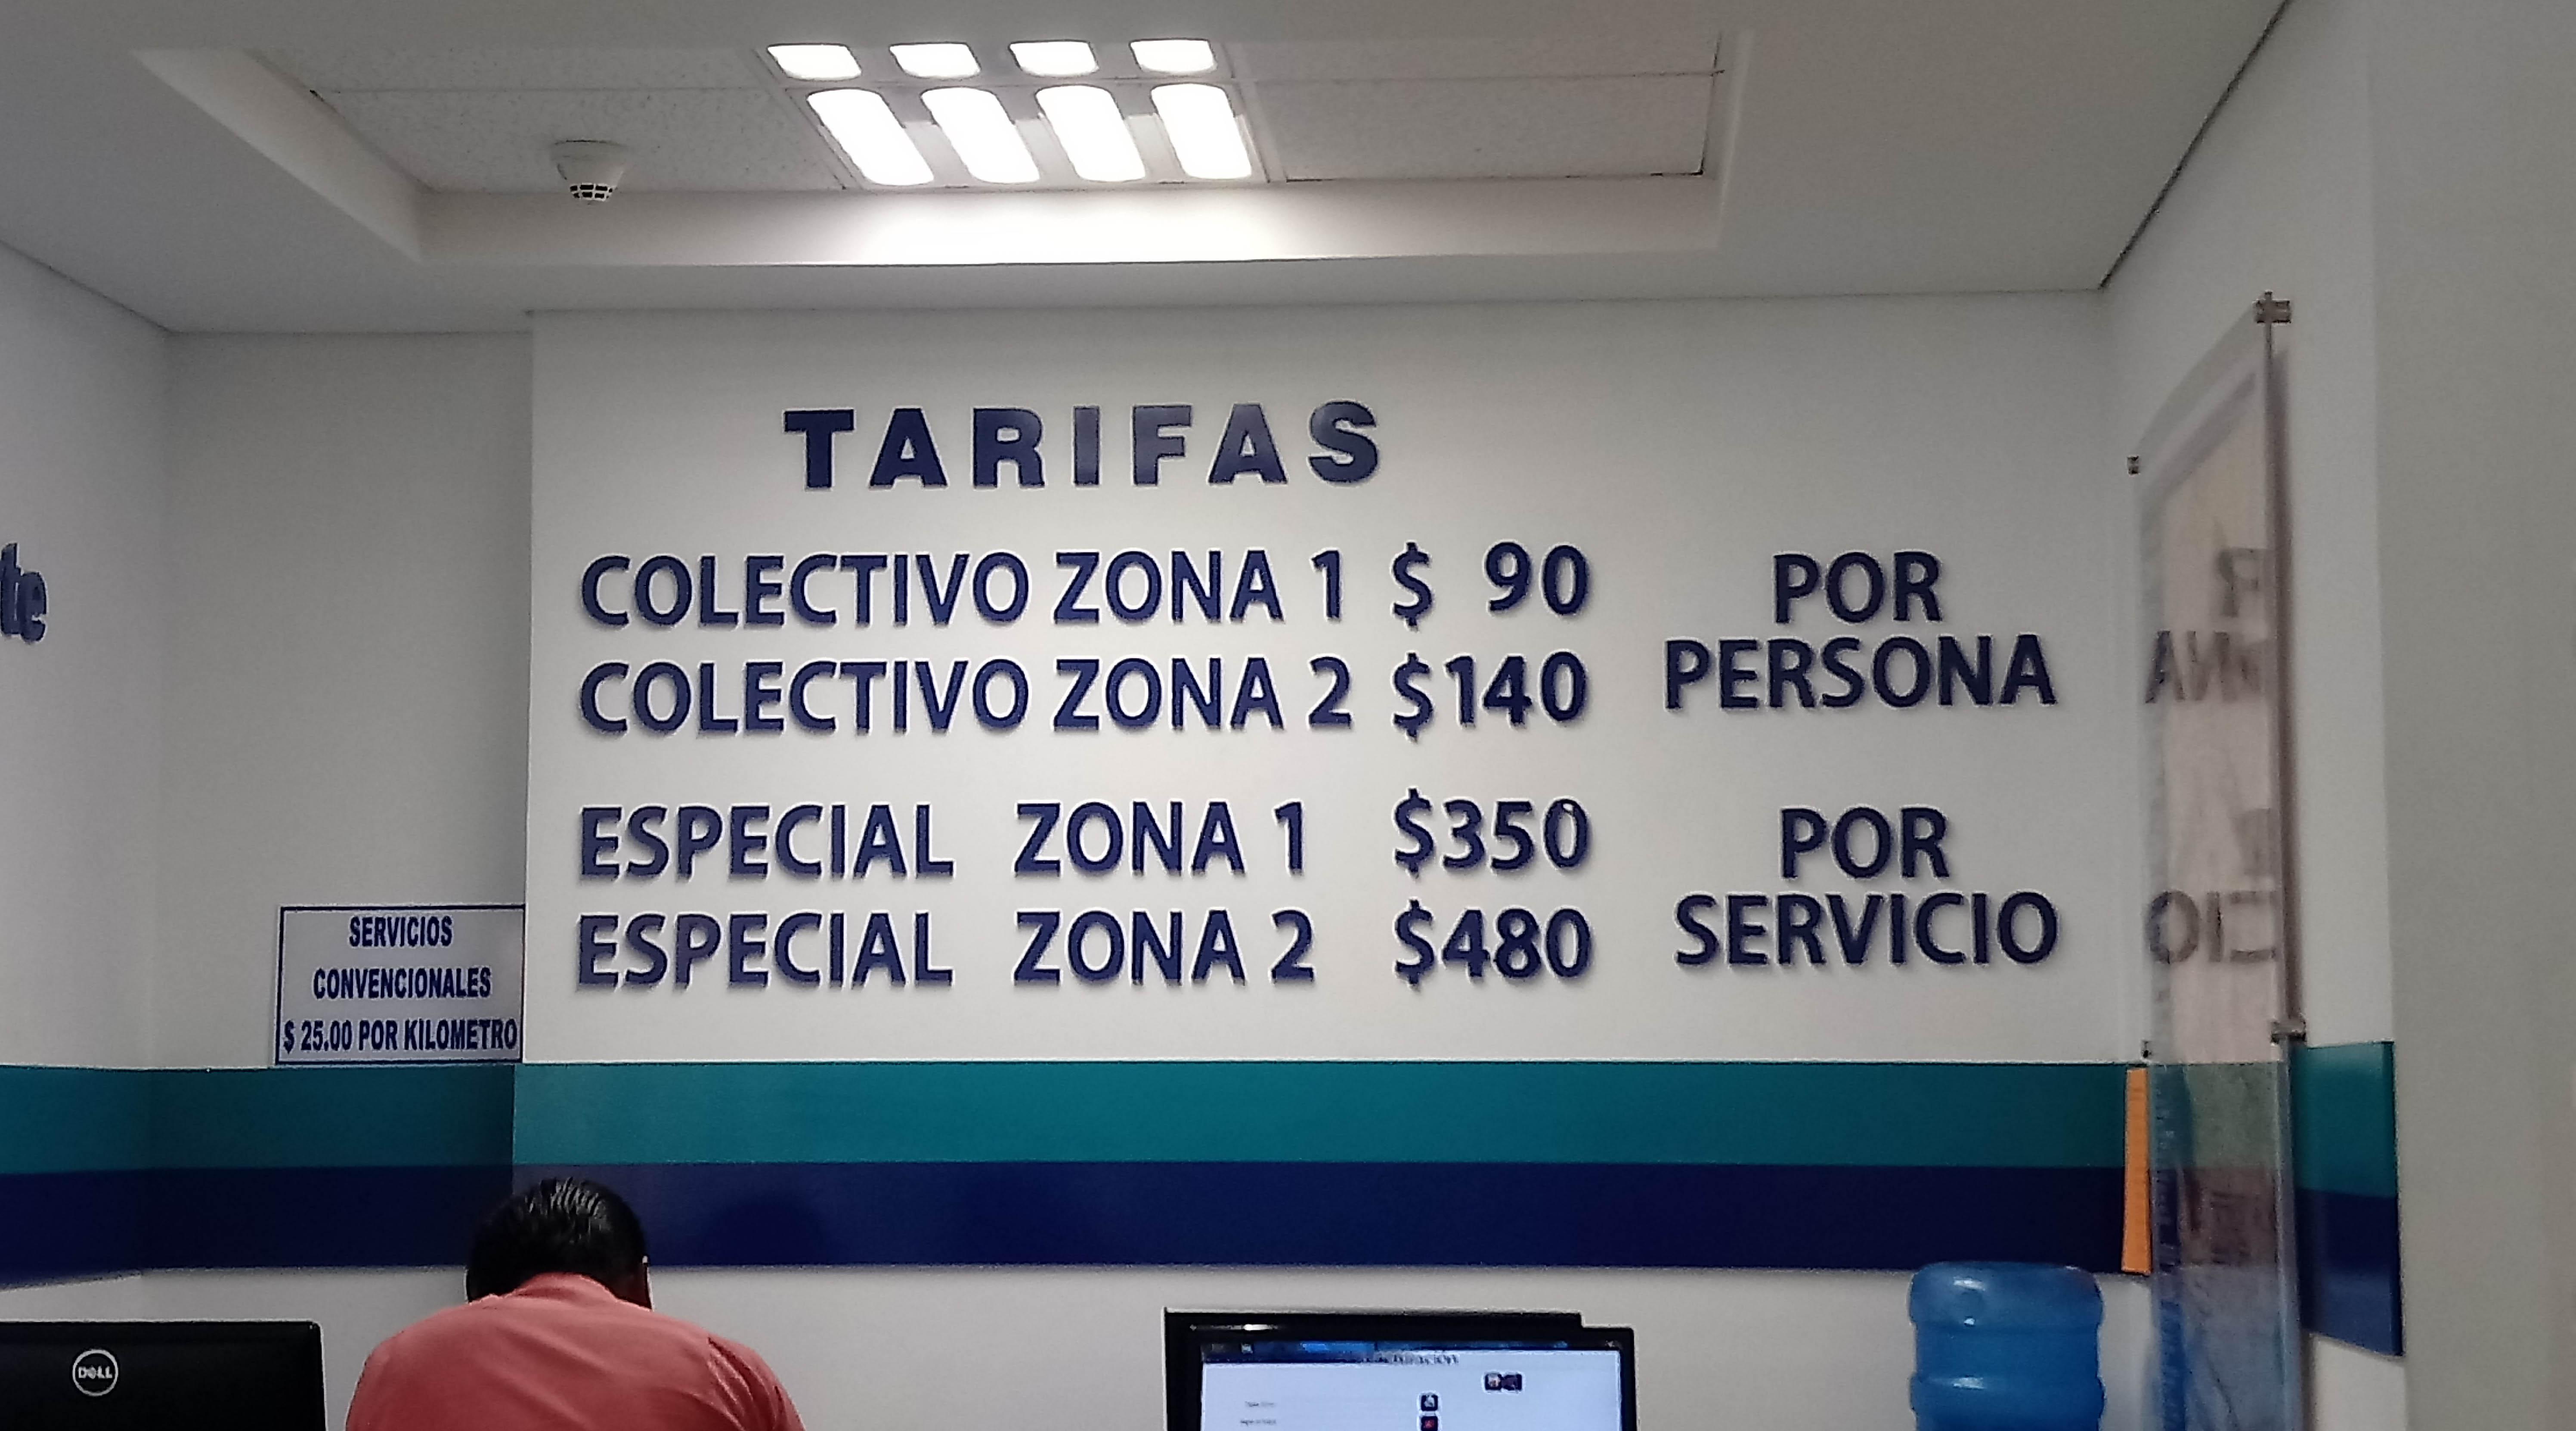 Está monopolizado el servicio de taxis en el aeropuerto de Oaxaca   El Imparcial de Oaxaca